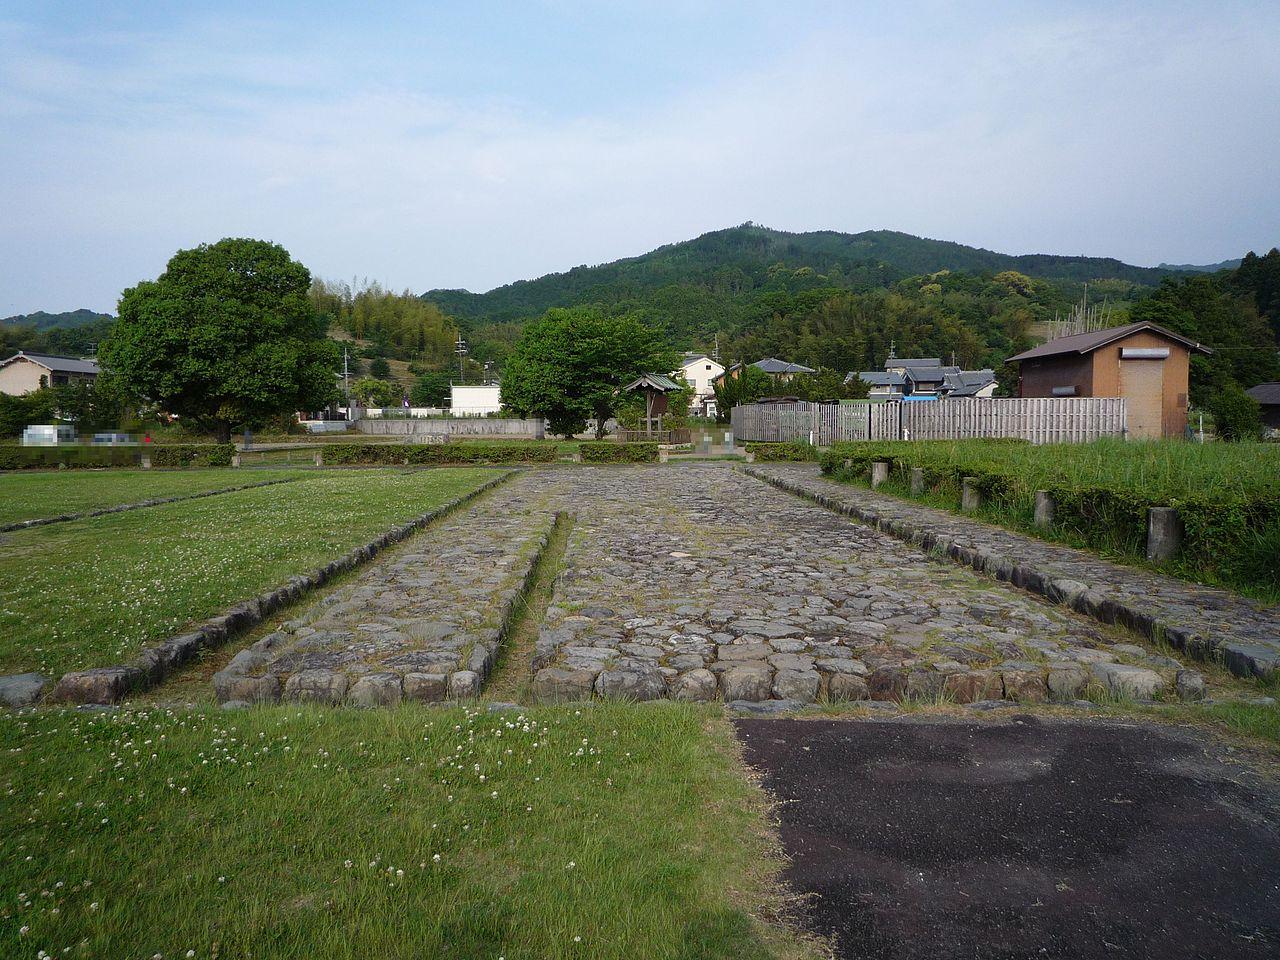 「もし取ったら災いが起こるぞ」  警告文付き7世紀頃の土器を発見回収、そして一般公開へ…奈良県飛鳥京跡